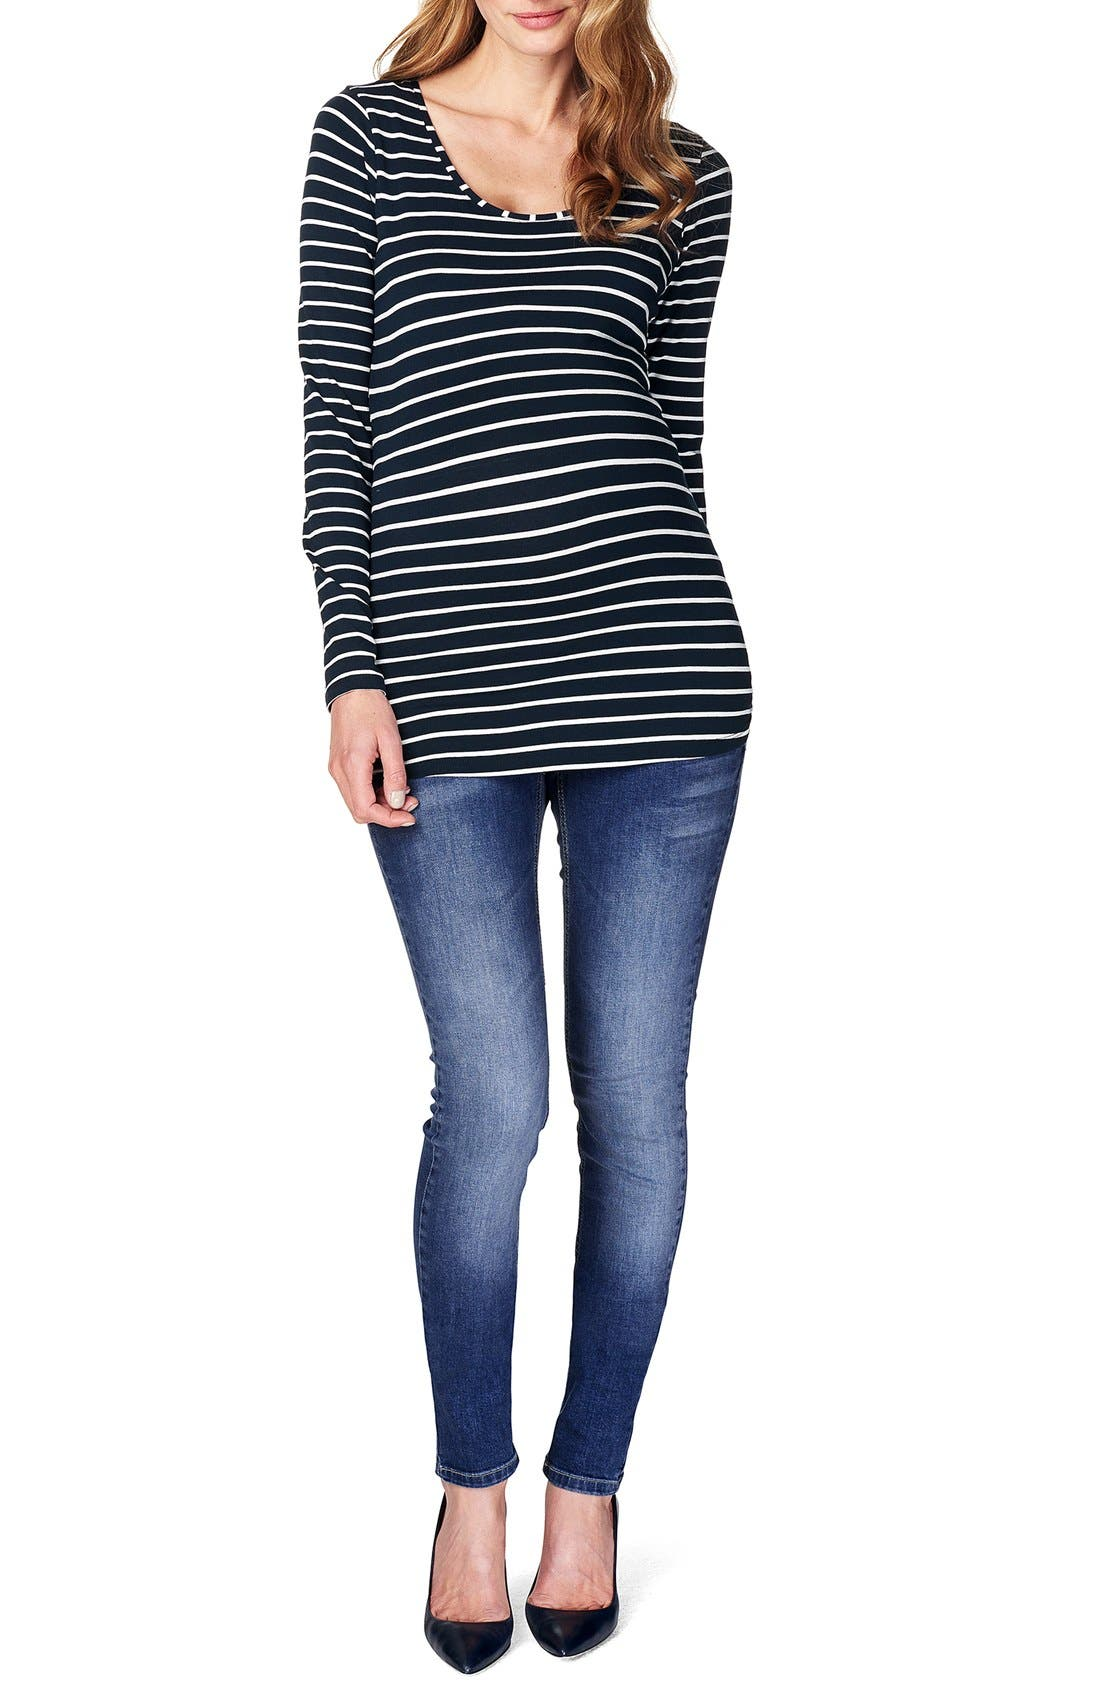 Main Image - Noppies 'Lely' Stripe Scoop Neck Long Sleeve Tee